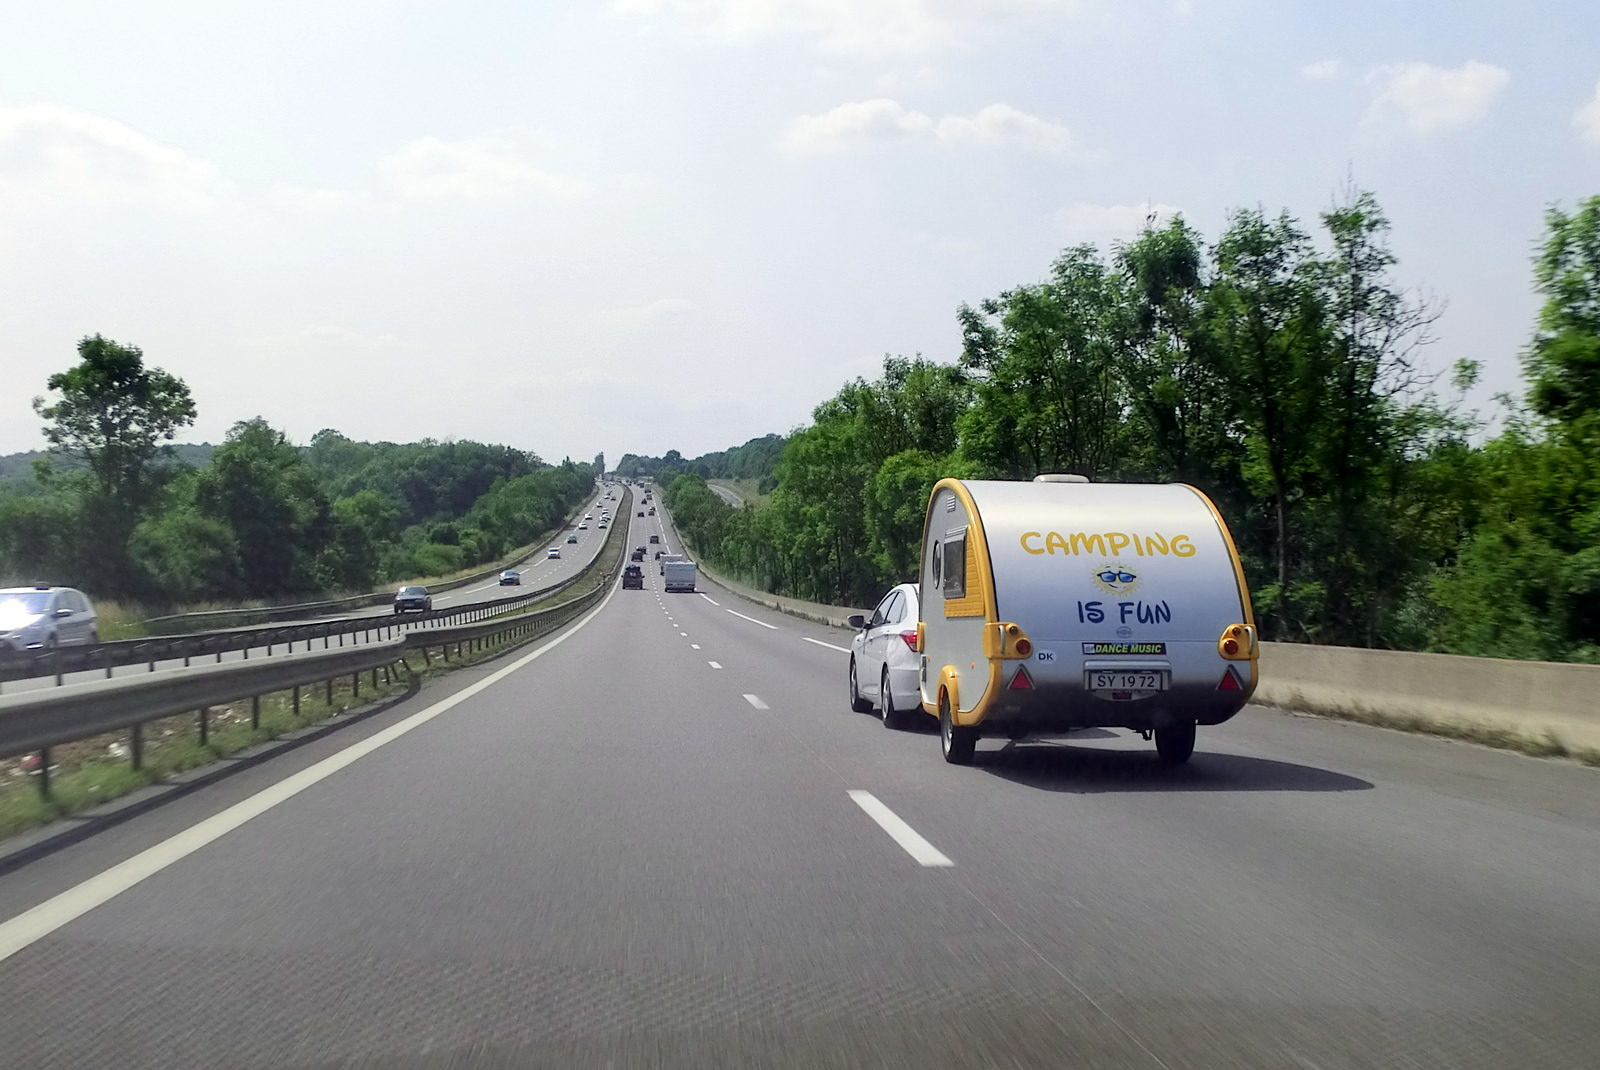 Wohnwagen, Autobahn